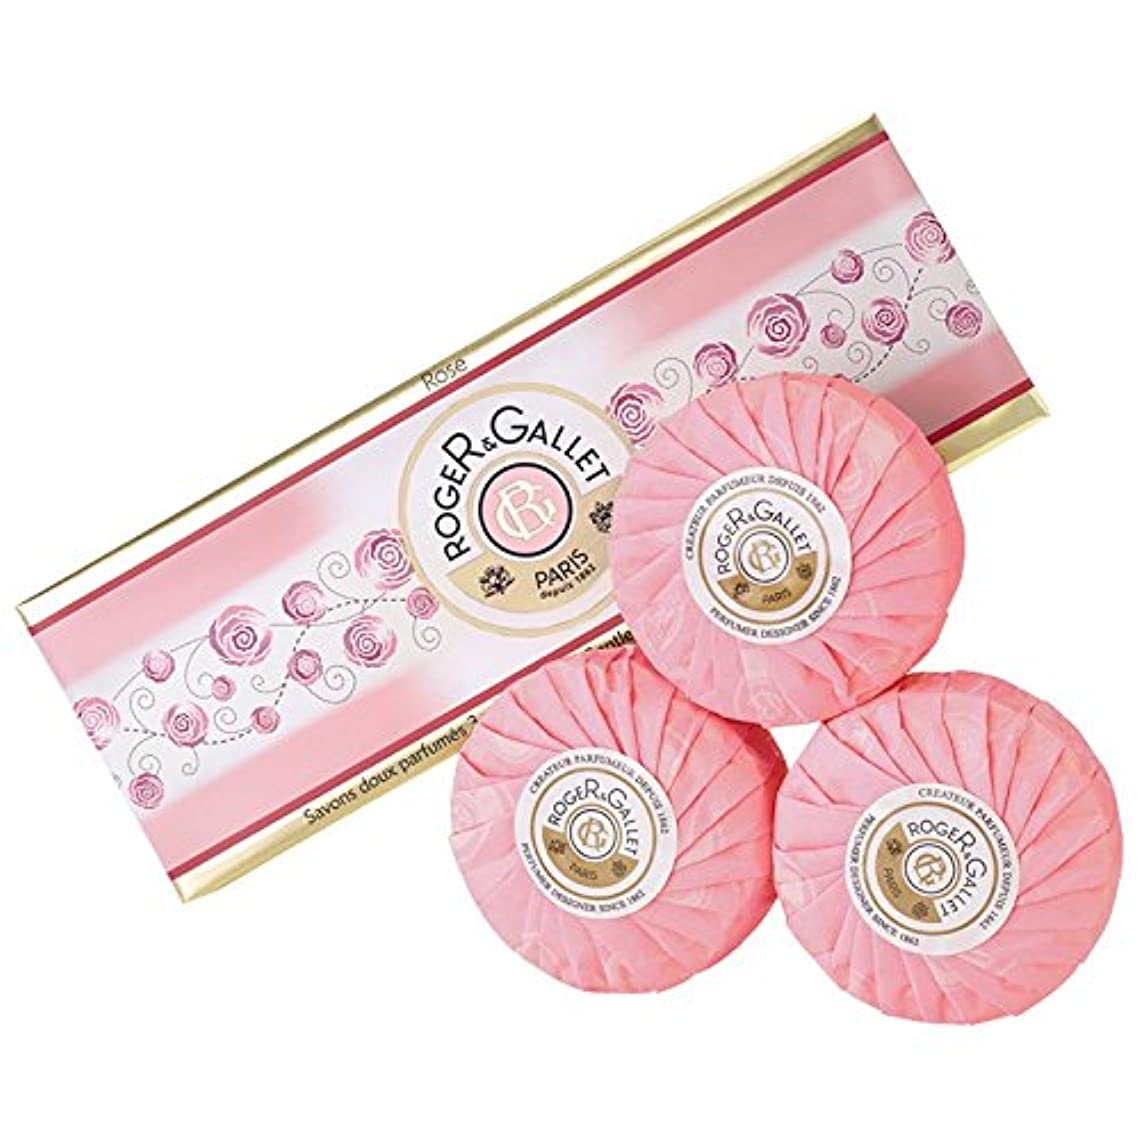 他の場所食用引き潮ロジャー&Galletのは石鹸コフレ3つのX 100グラムをバラ (Roger & Gallet) (x6) - Roger & Gallet Rose Soap Coffret 3 x 100g (Pack of 6)...